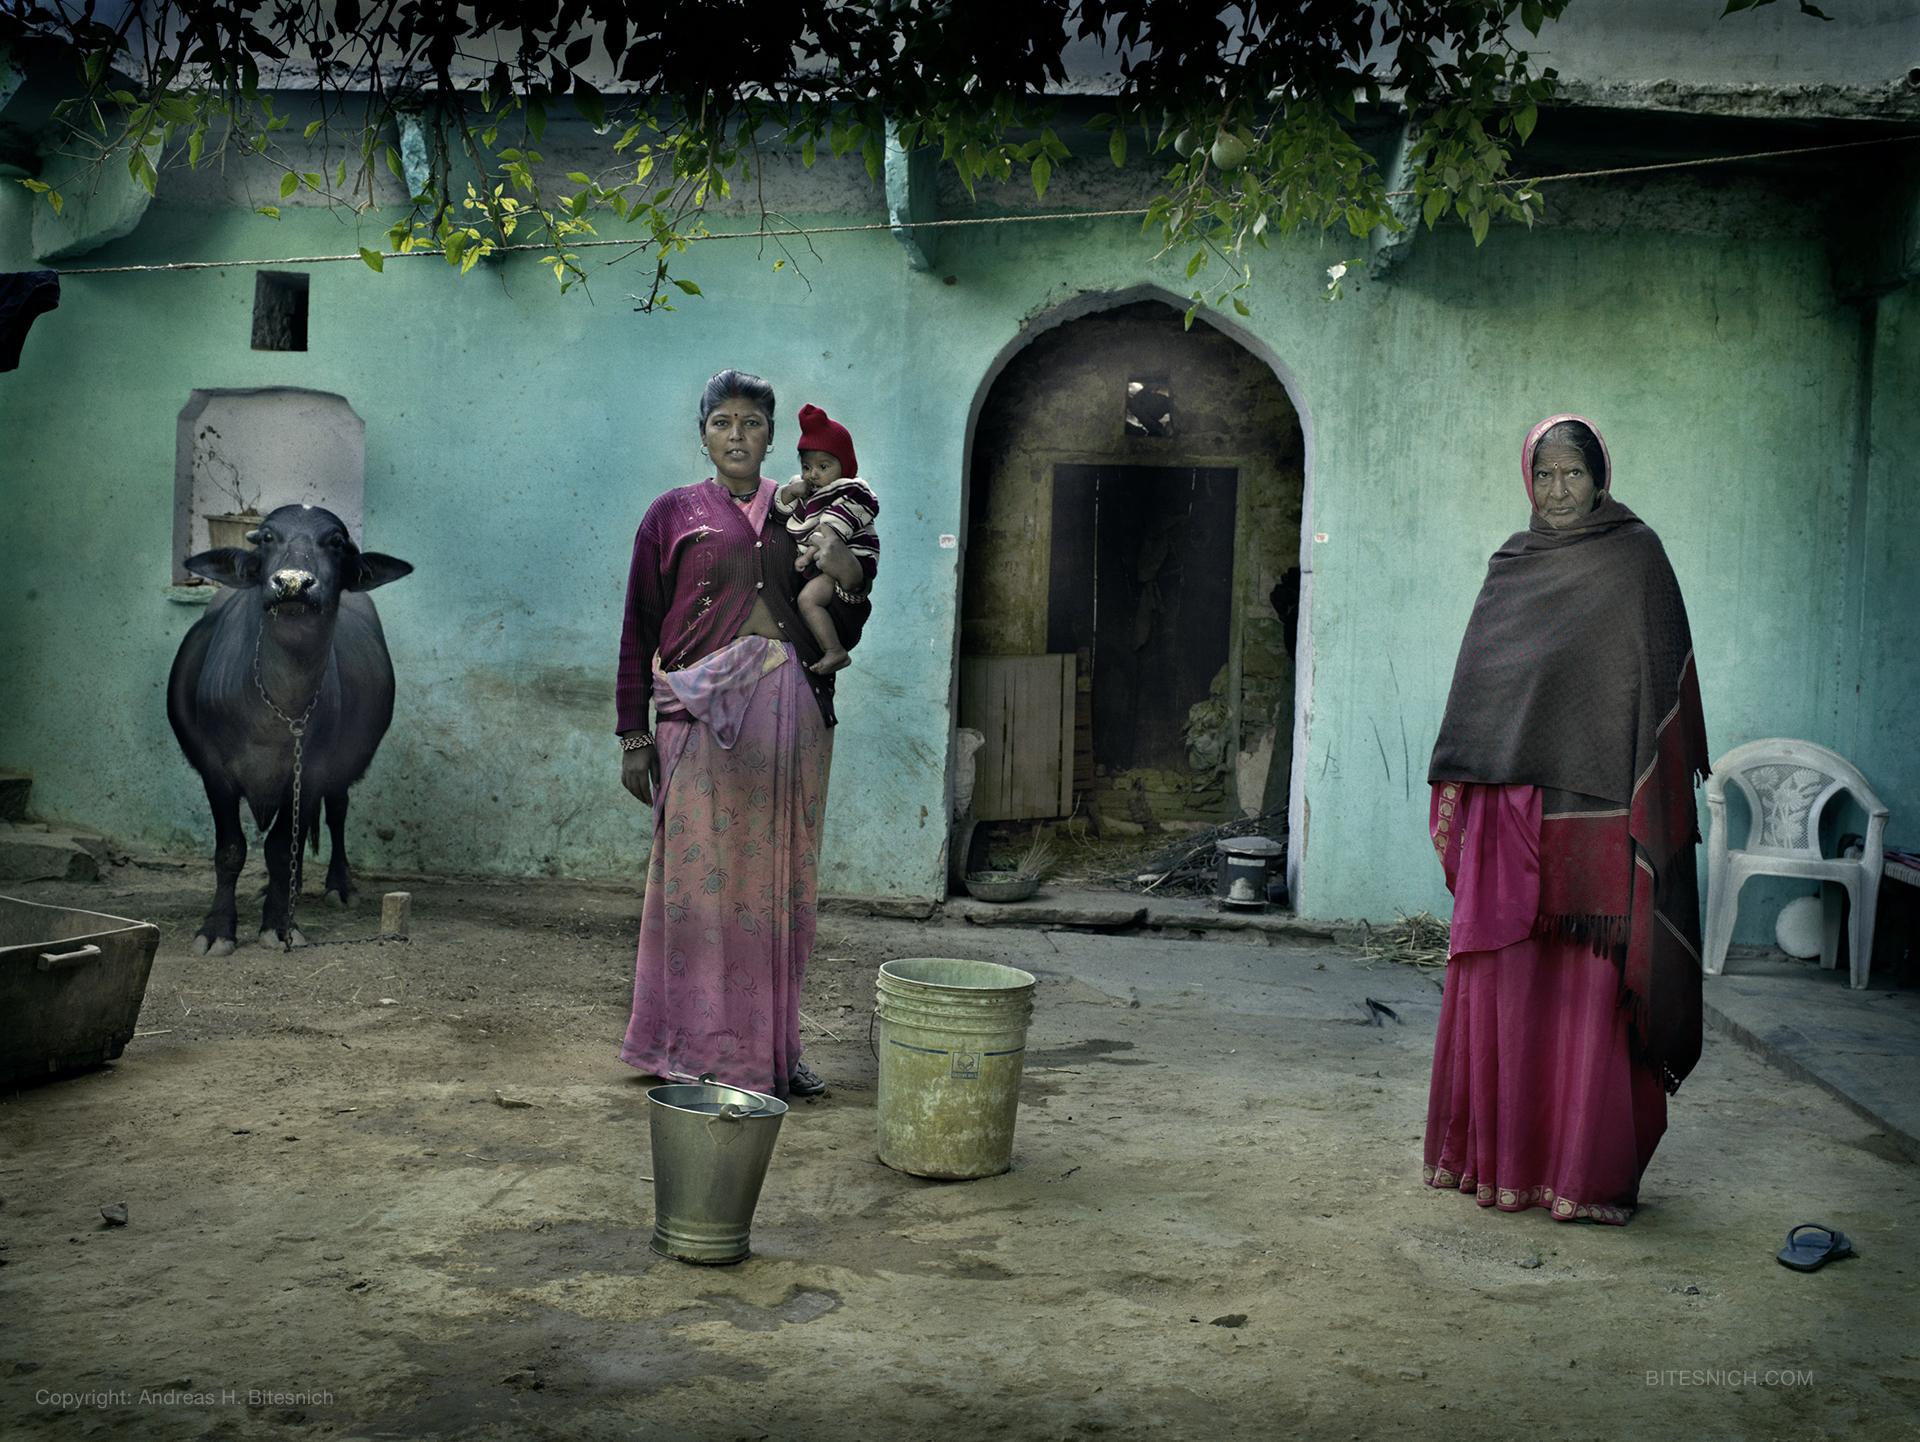 INDIA - der Bildband Erschienen 2019 im teNeues Verlag, 256 Seiten mit 175 Farb- und Schwarzweiss Aufnahmen